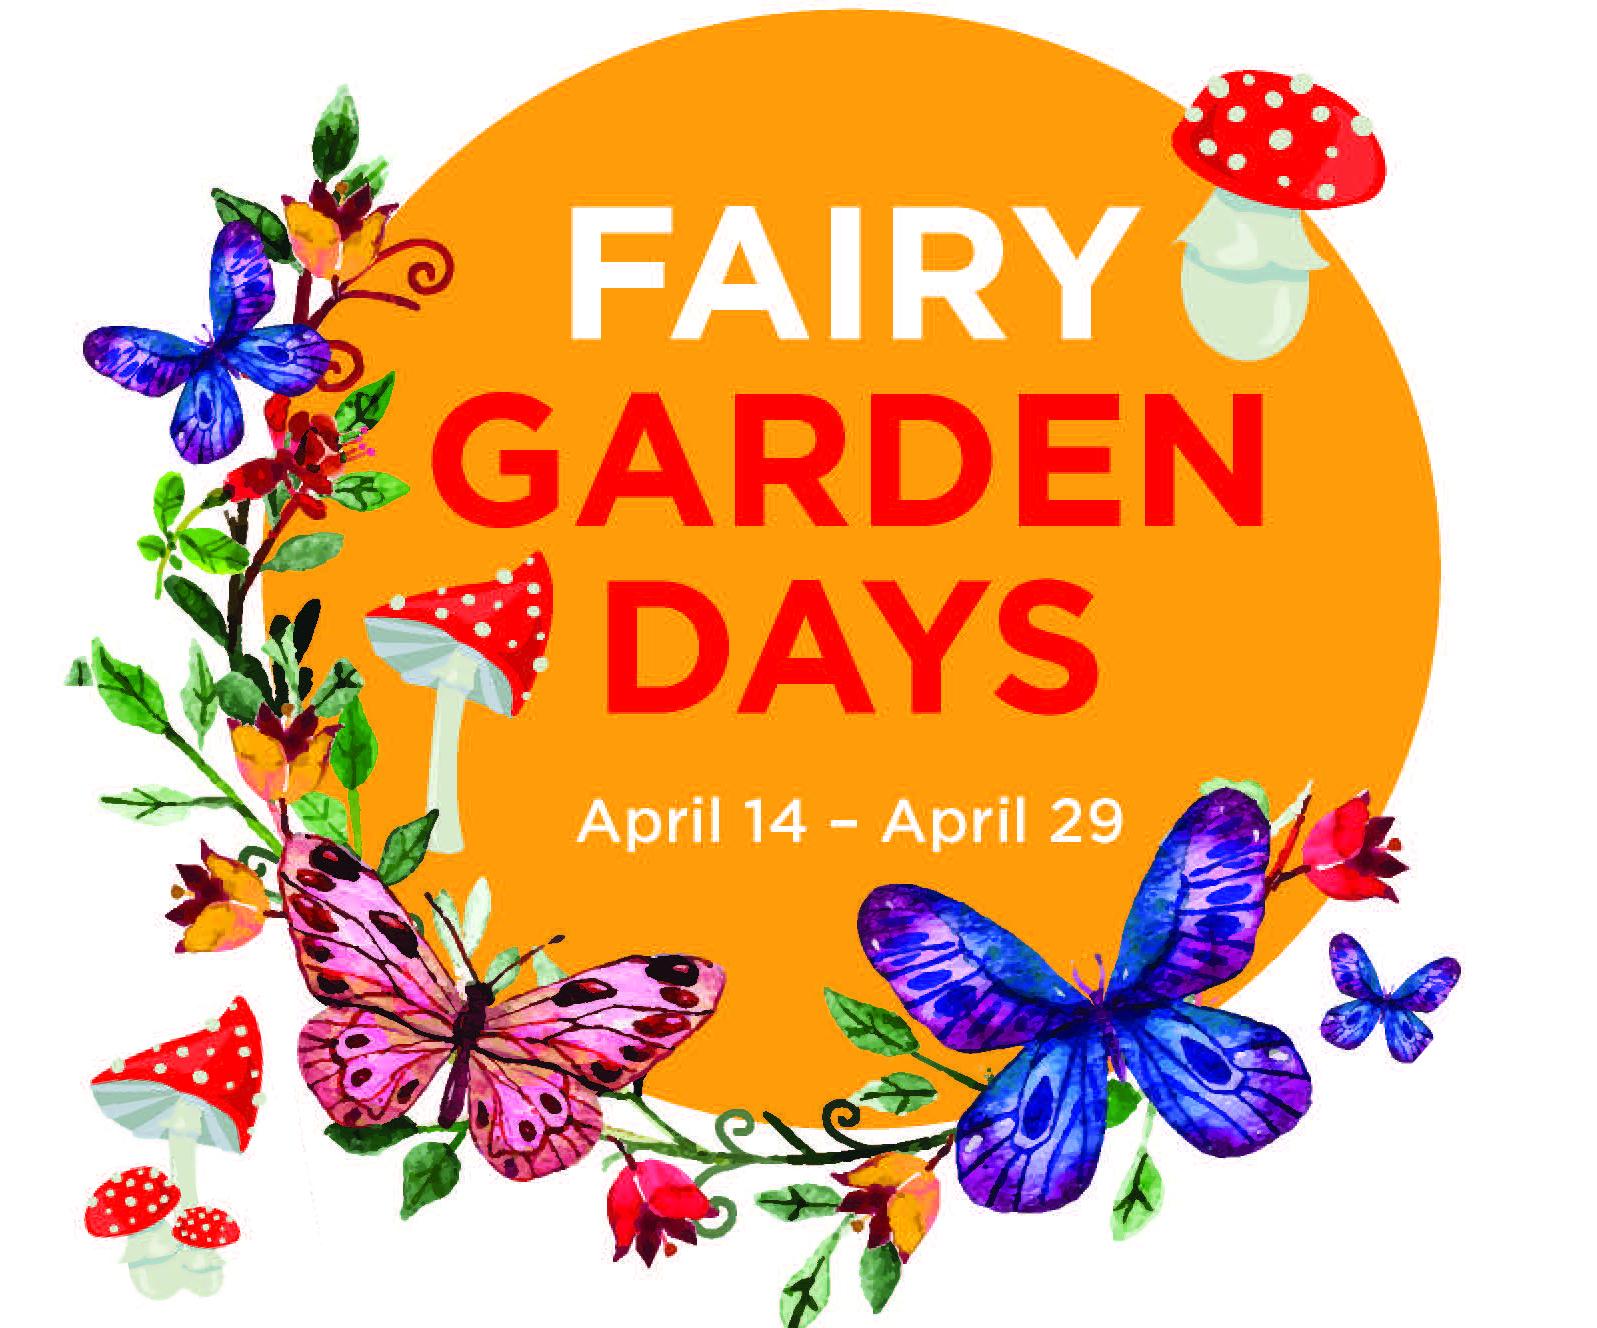 Fairy Garden Days